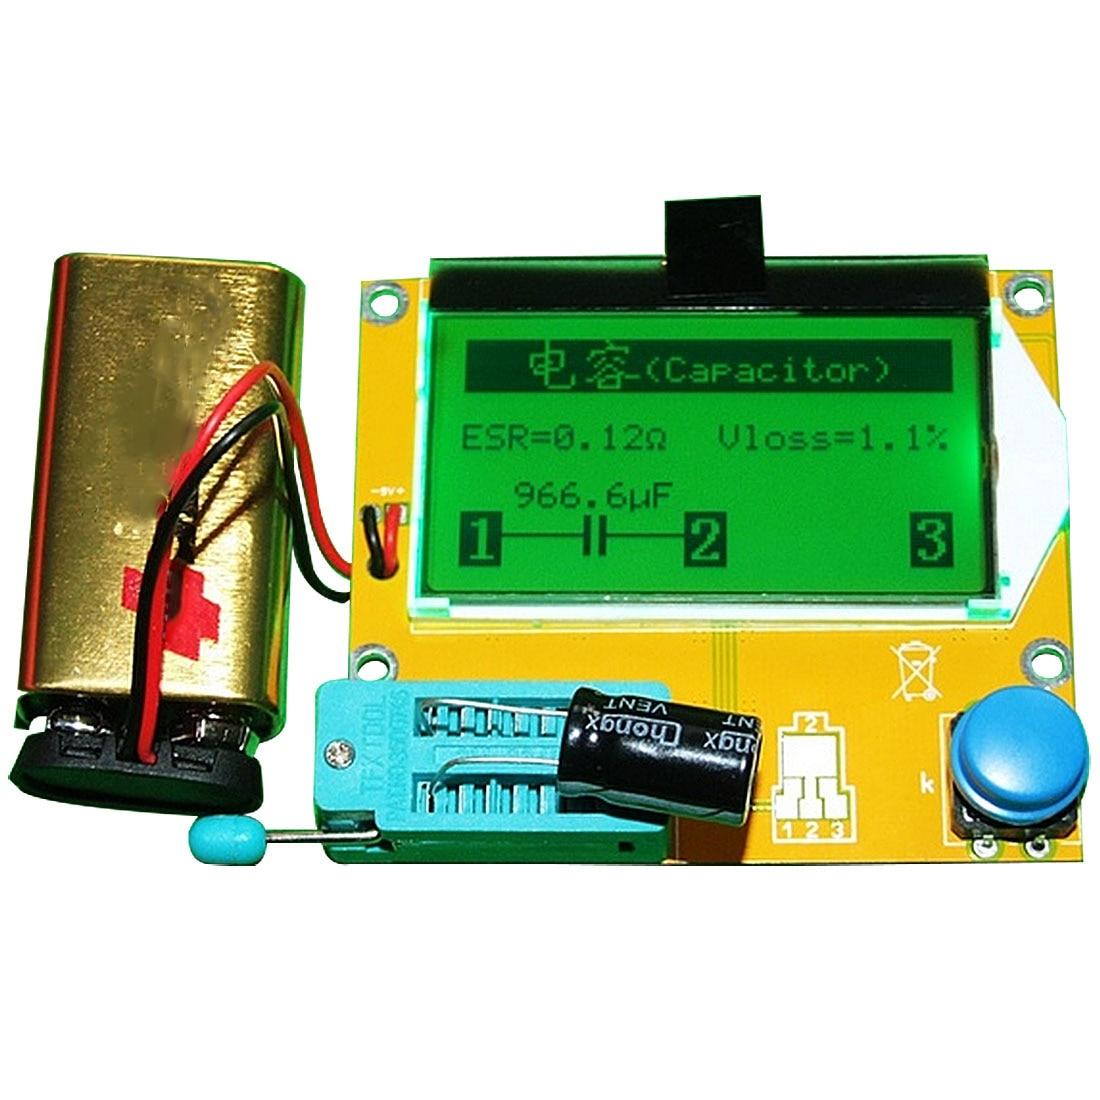 Backlight Diode Triode Capacitance ESR Meter M328 LCR-T4 12846 LCD Digital Transistor Tester Meter MOS/PNP/NPN L/C/R ...